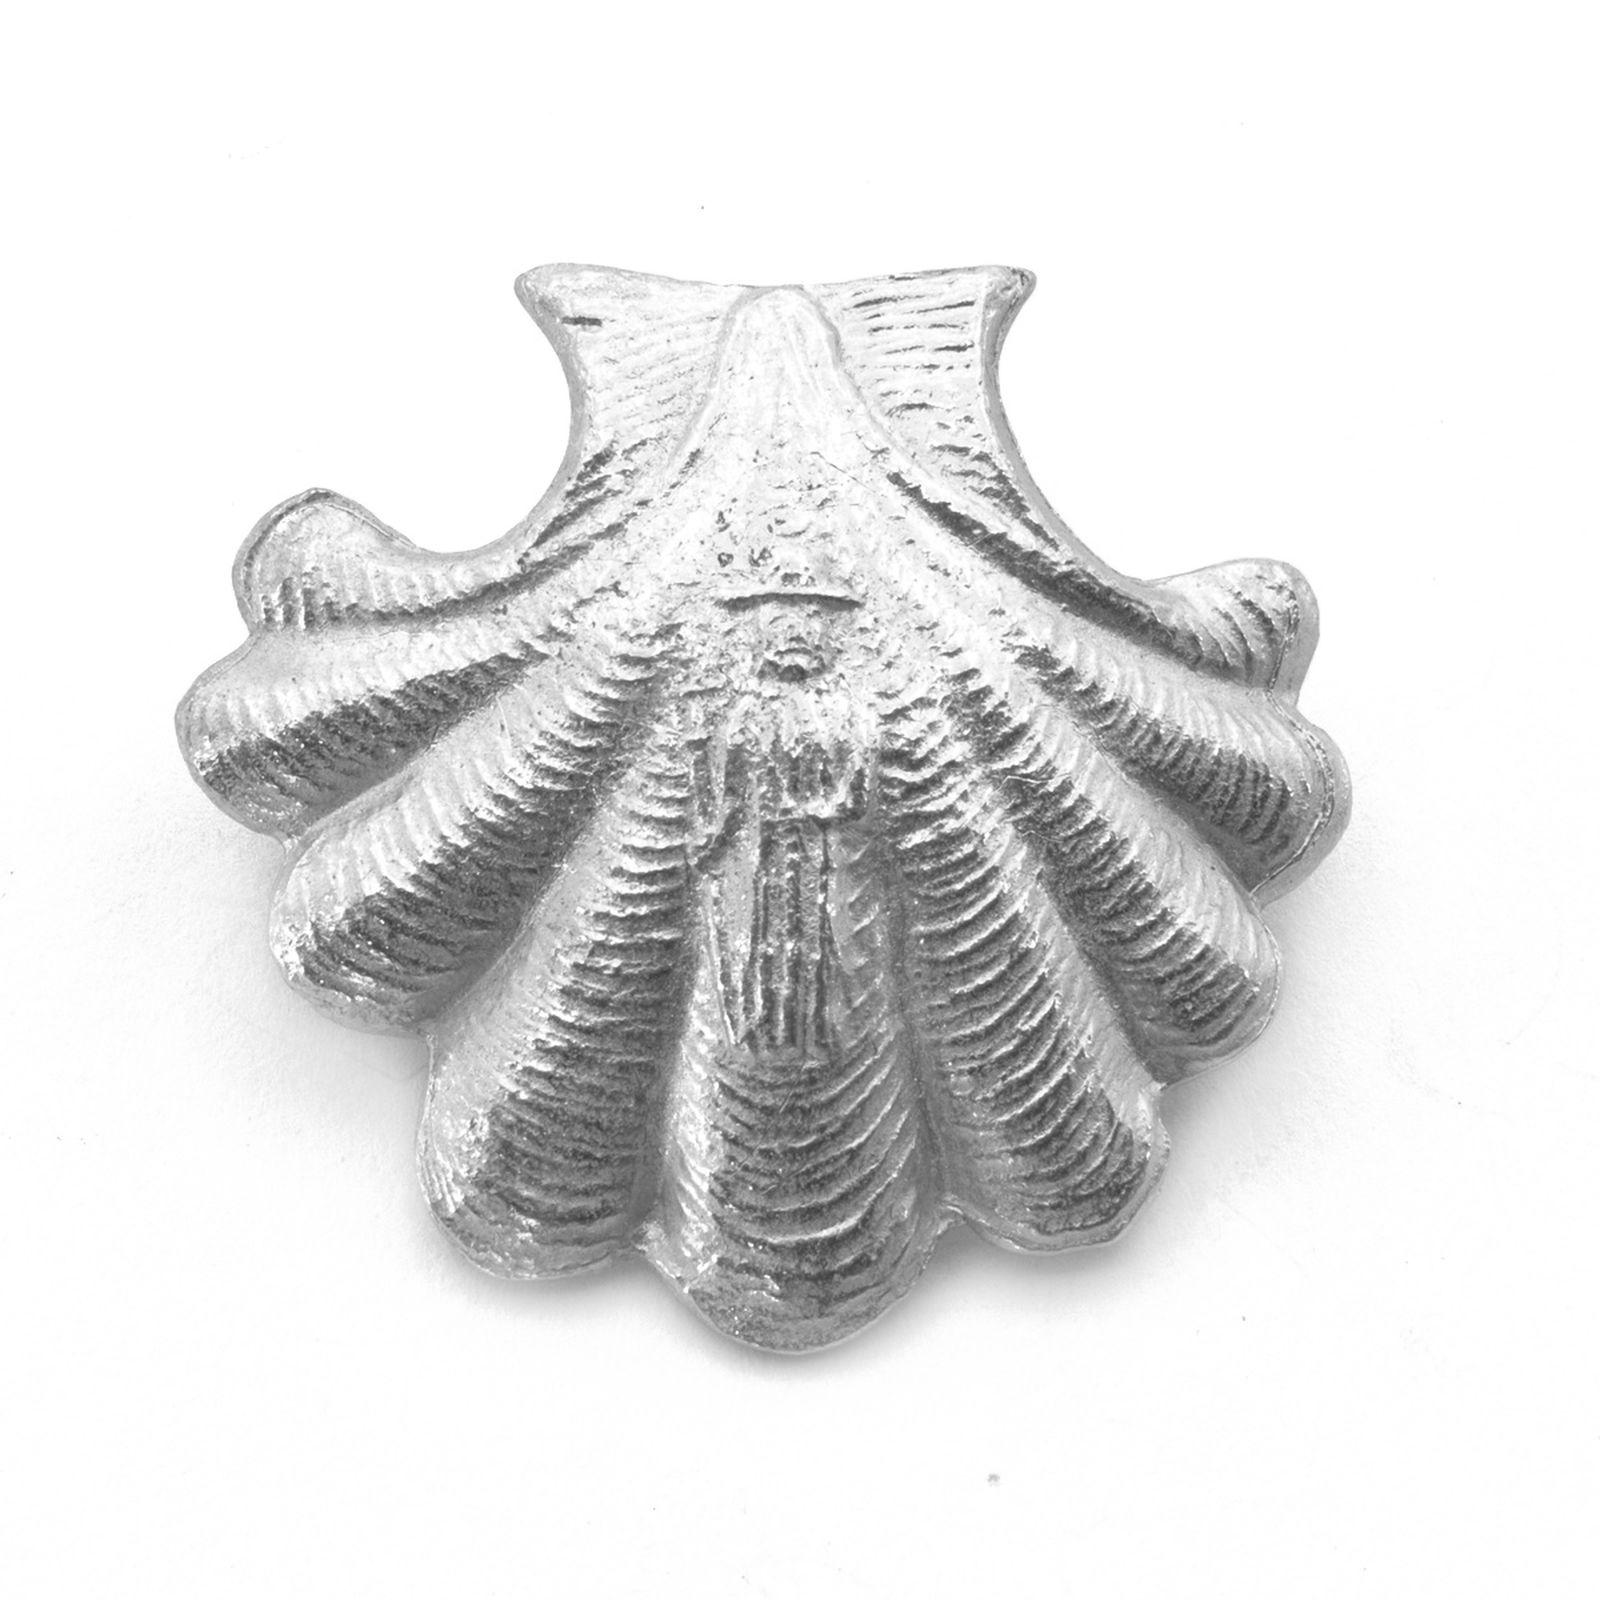 Kampasimpukan kuori Saint James 1350 tinapinssi